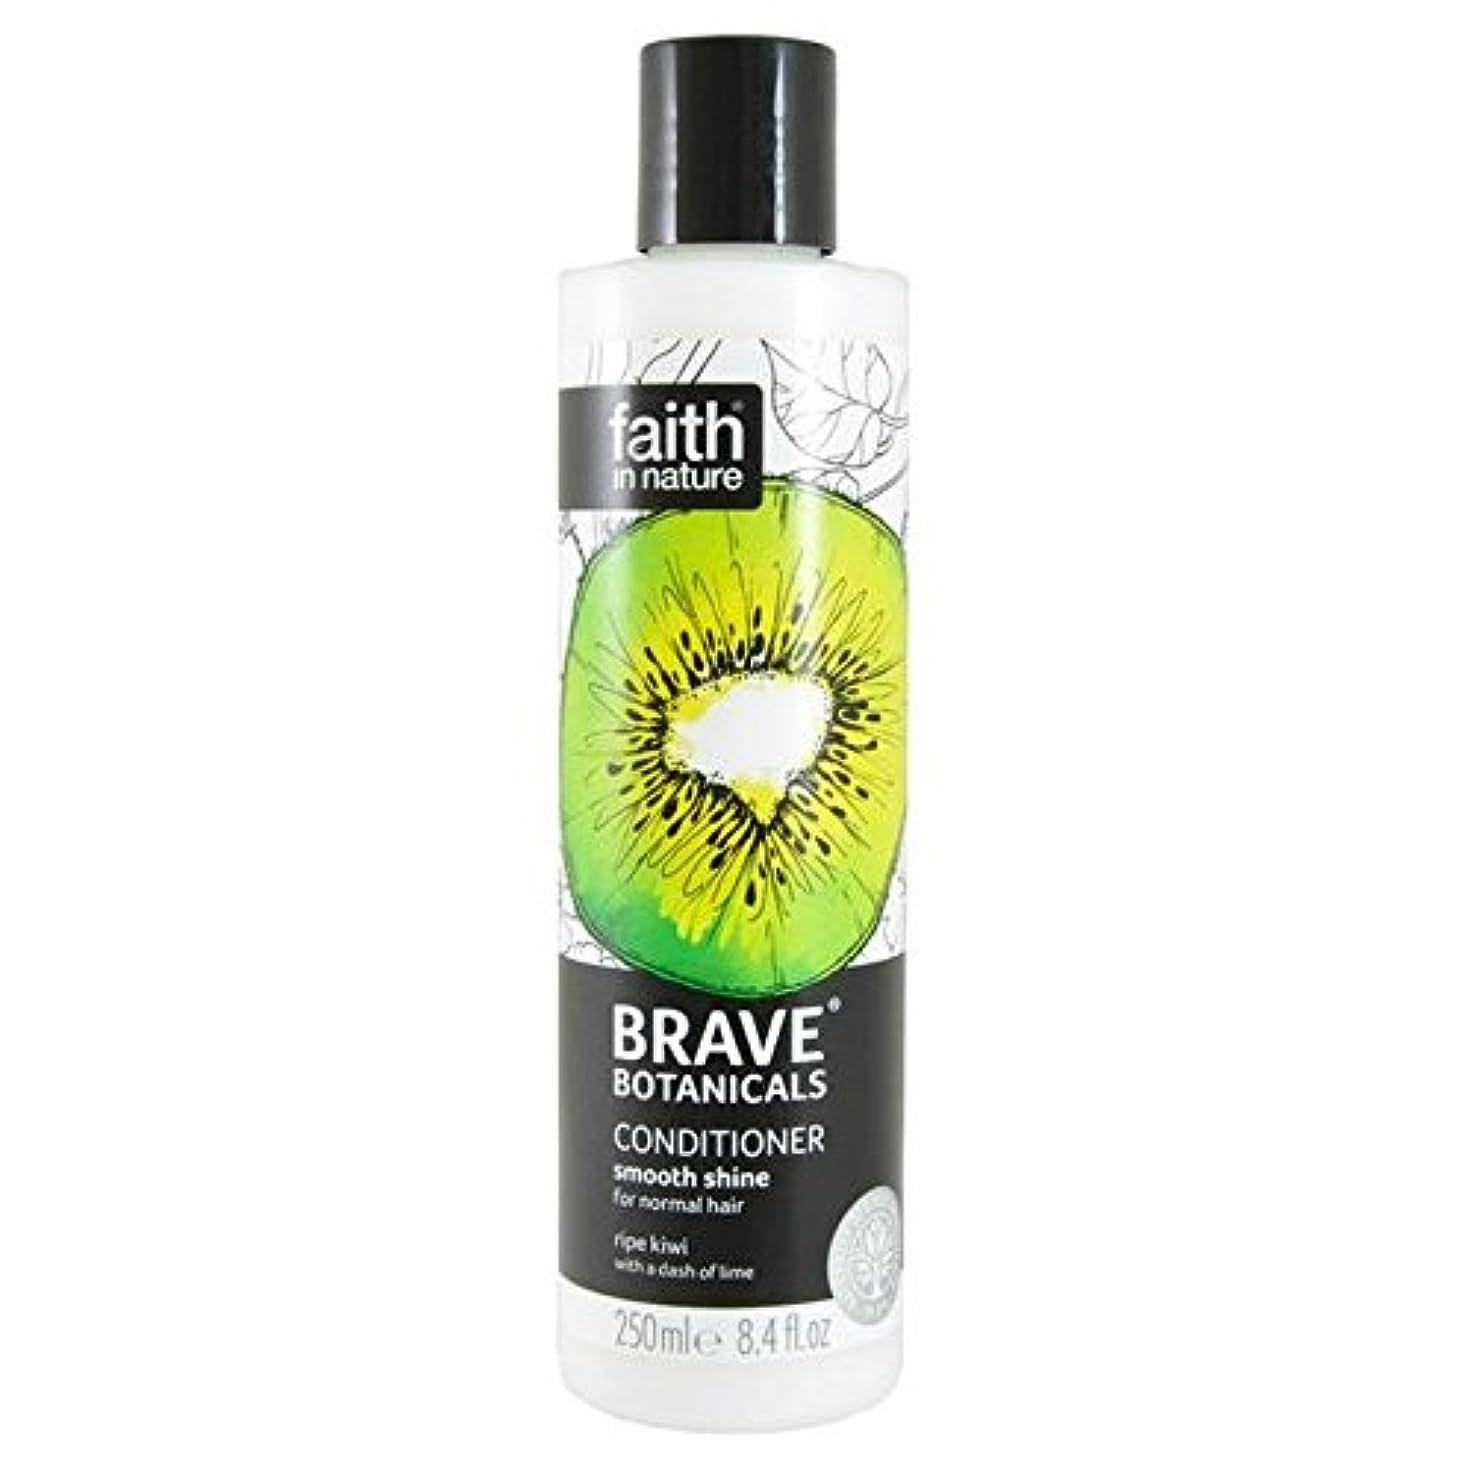 ピアースしょっぱい禁じるBrave Botanicals Kiwi & Lime Smooth Shine Conditioner 250ml - (Faith In Nature) 勇敢な植物キウイ&ライムなめらかな輝きコンディショナー250Ml...